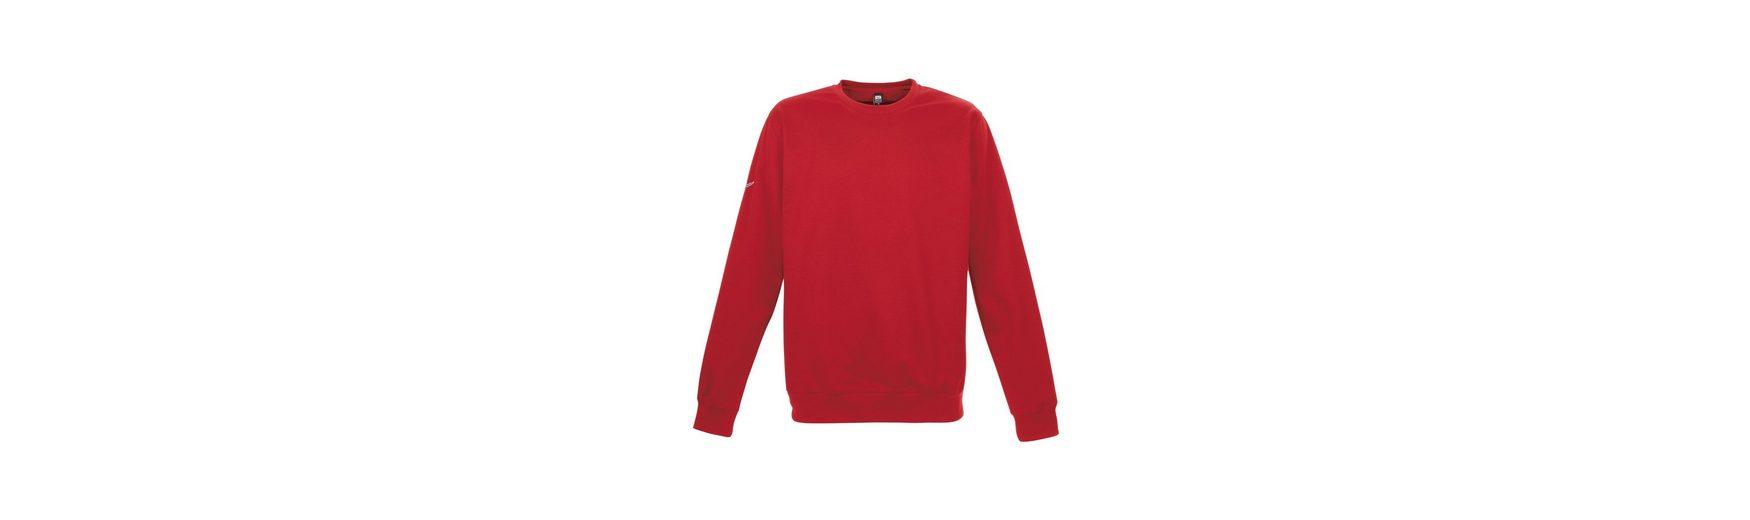 TRIGEMA Sweatshirt Outlet Online Bestellen Günstiges Shop-Angebot U5VQxKqgwj